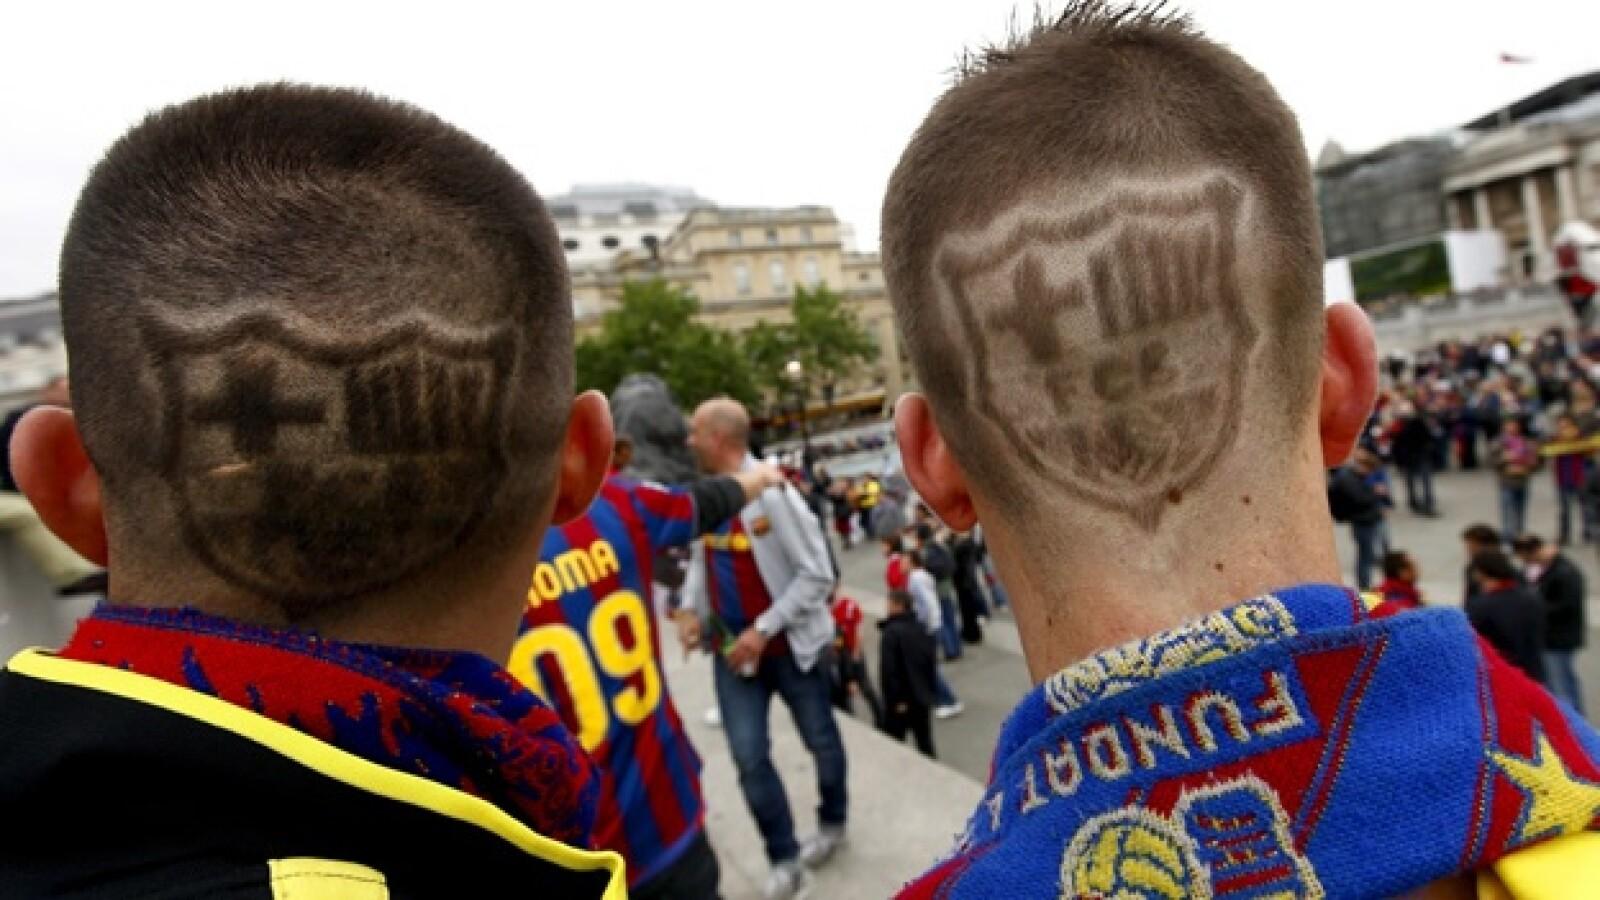 Manu_Barca_Wembley_Fans1